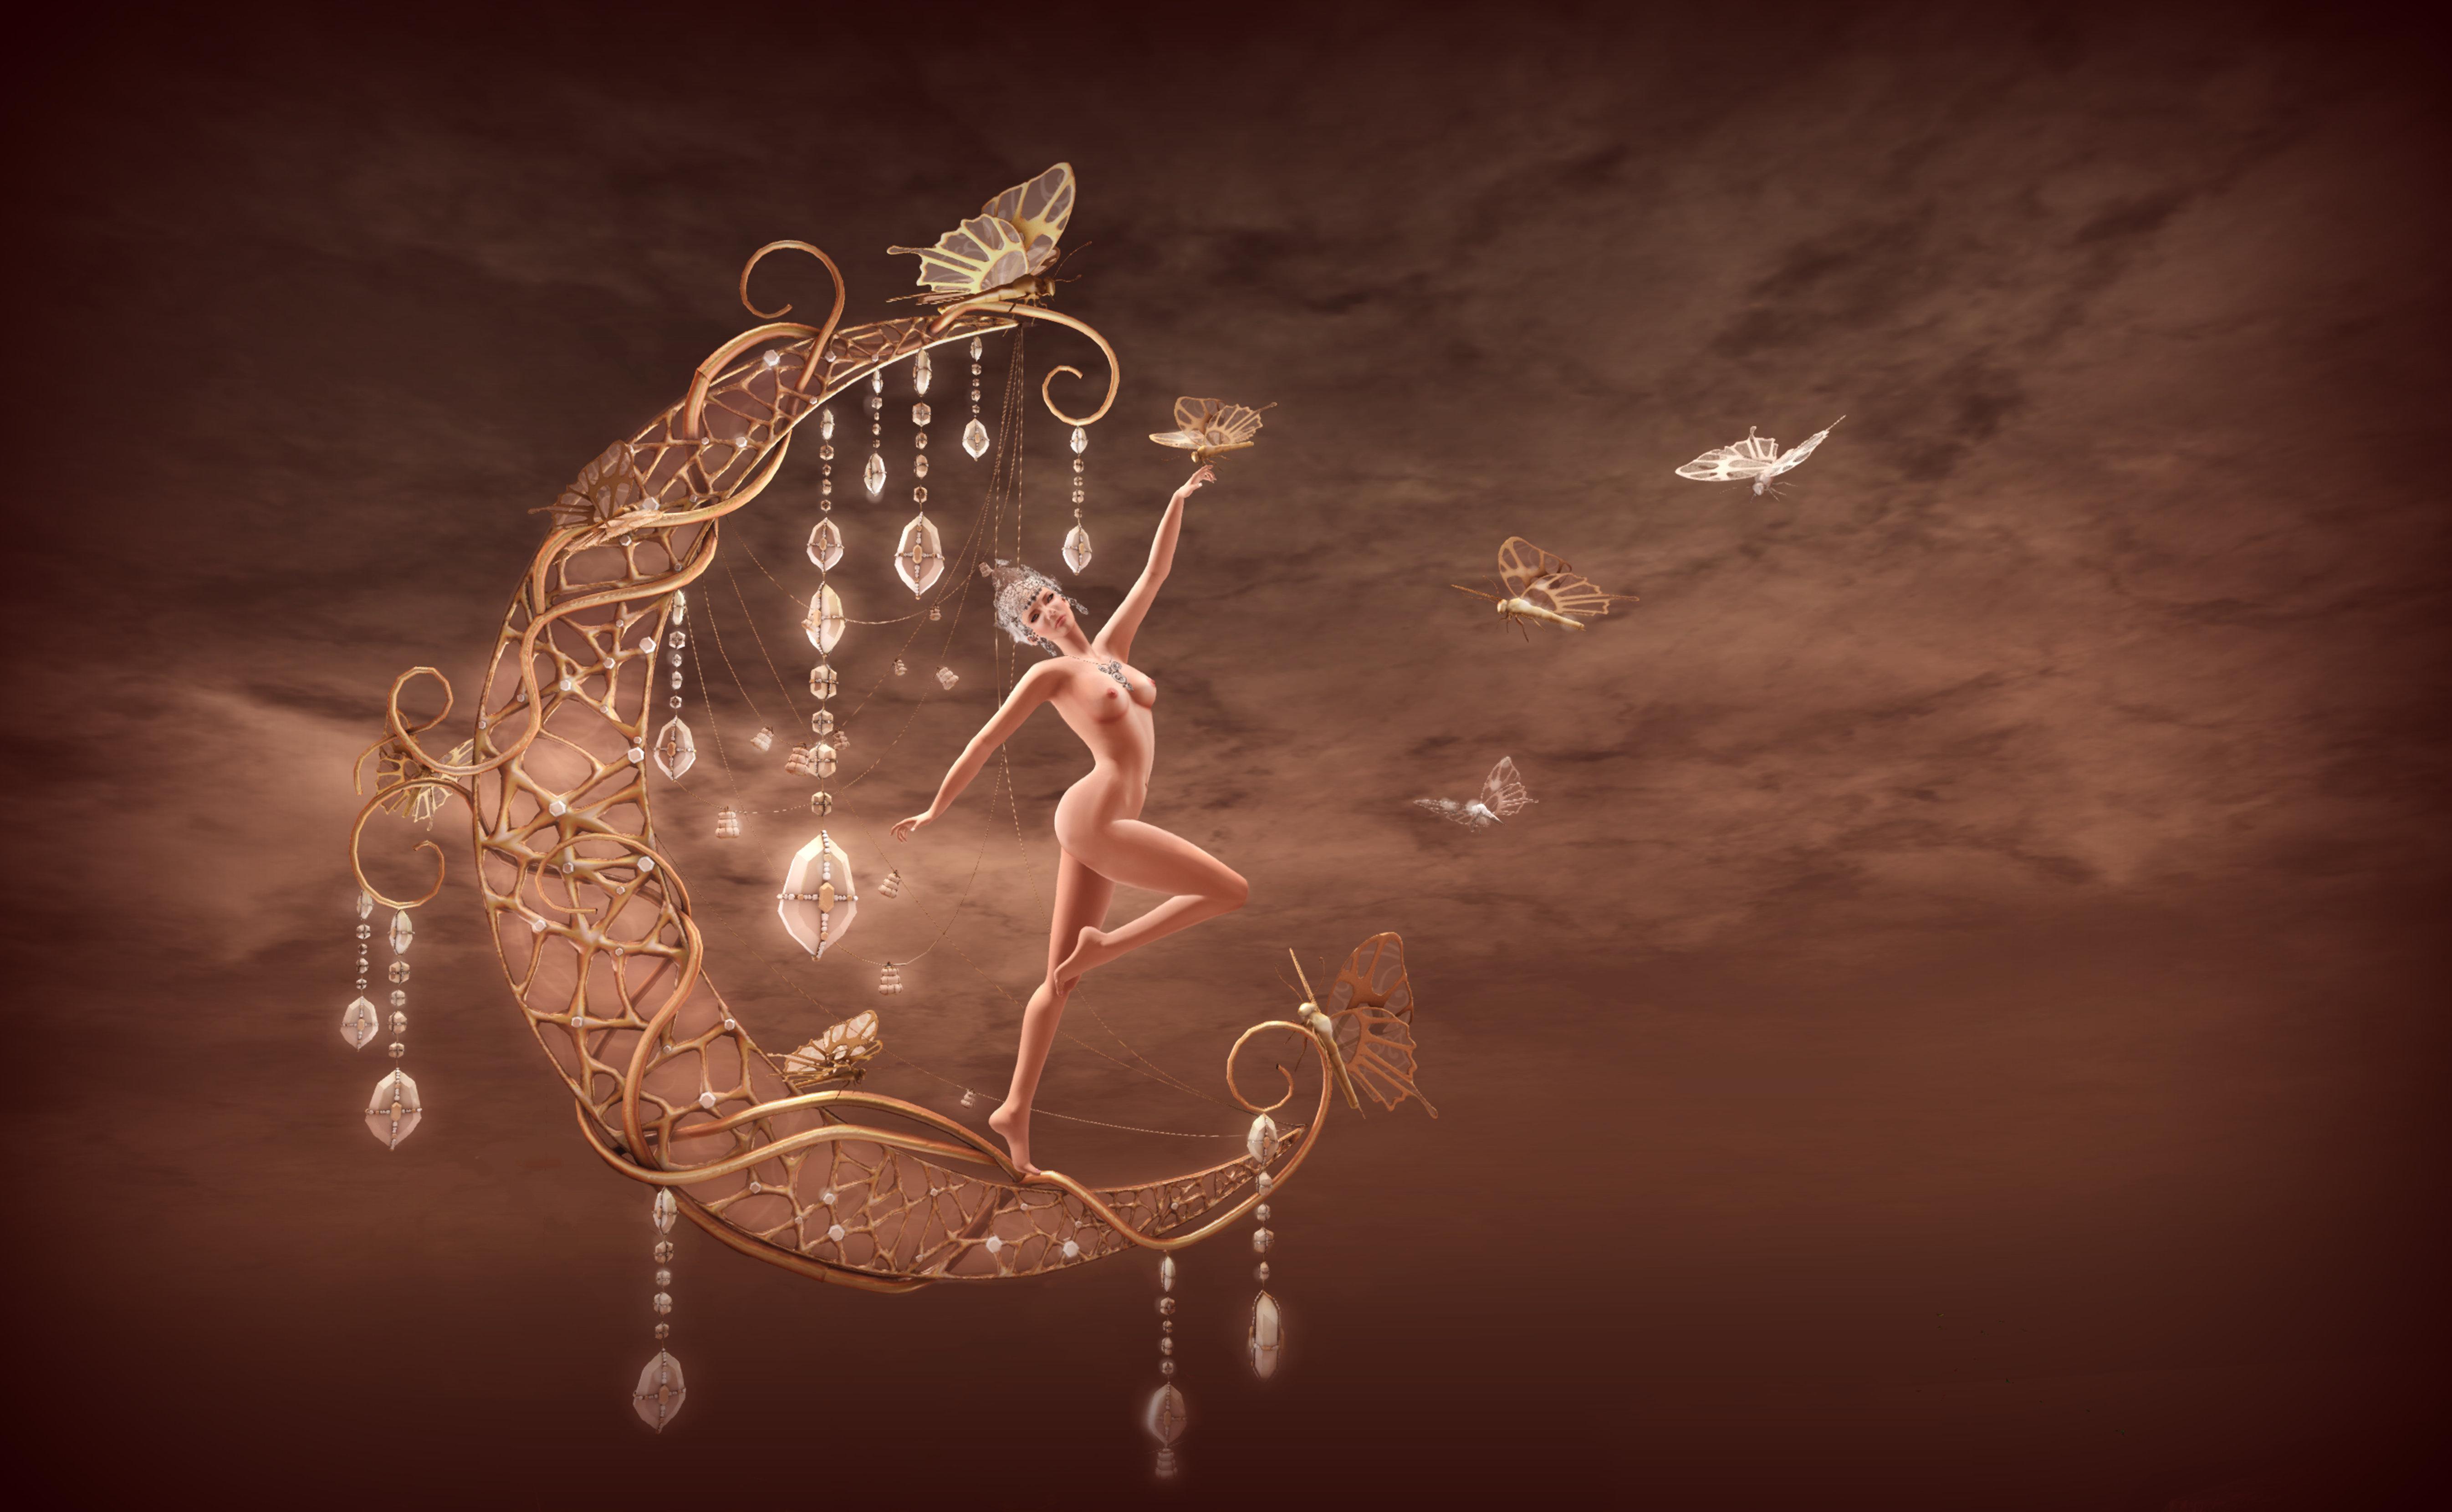 BA - Moonchild by BoudiccaAmat